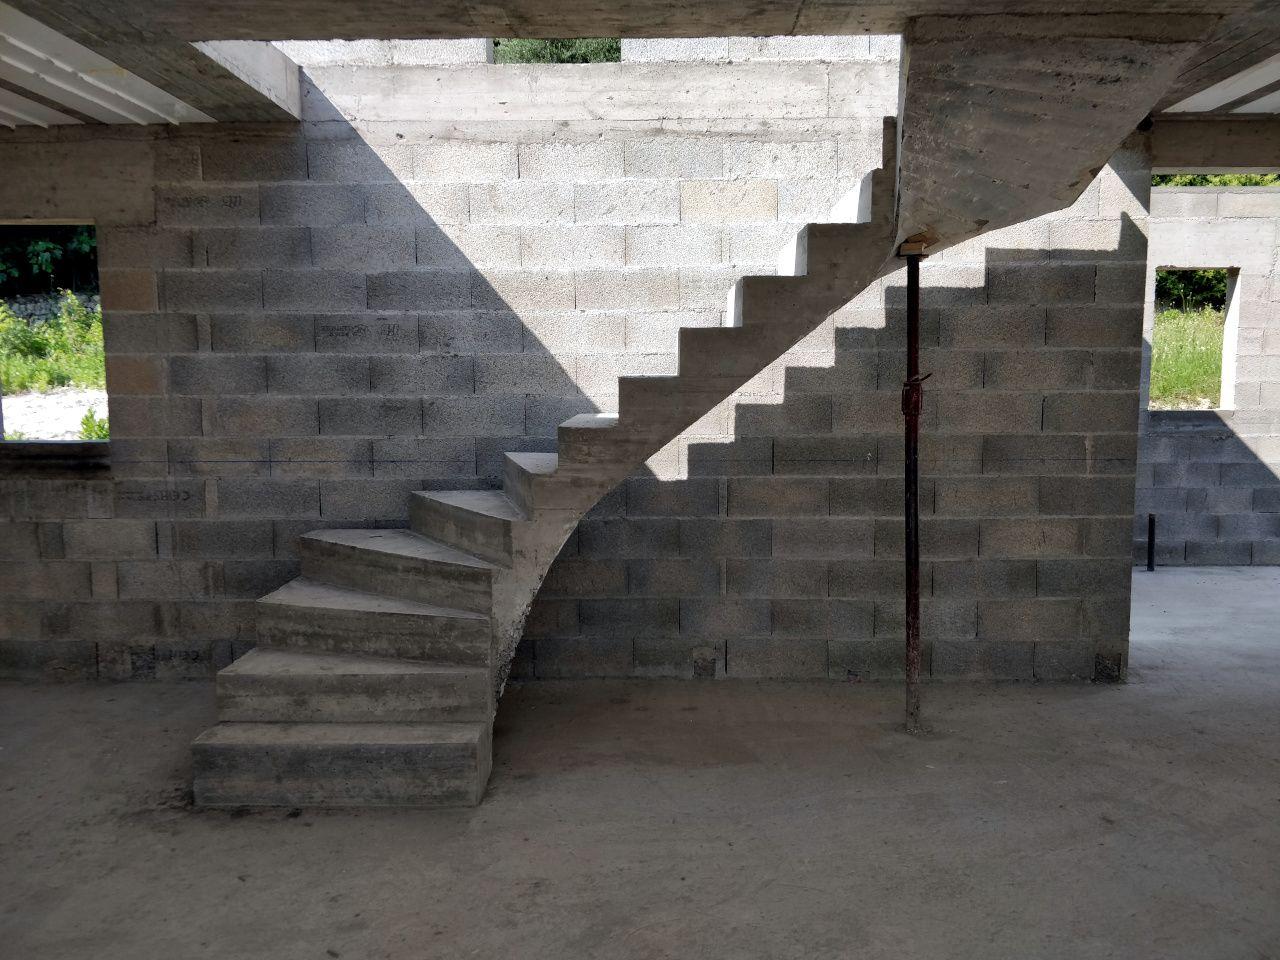 Escalier en béton construit. Une rambarde en fer est prévue.